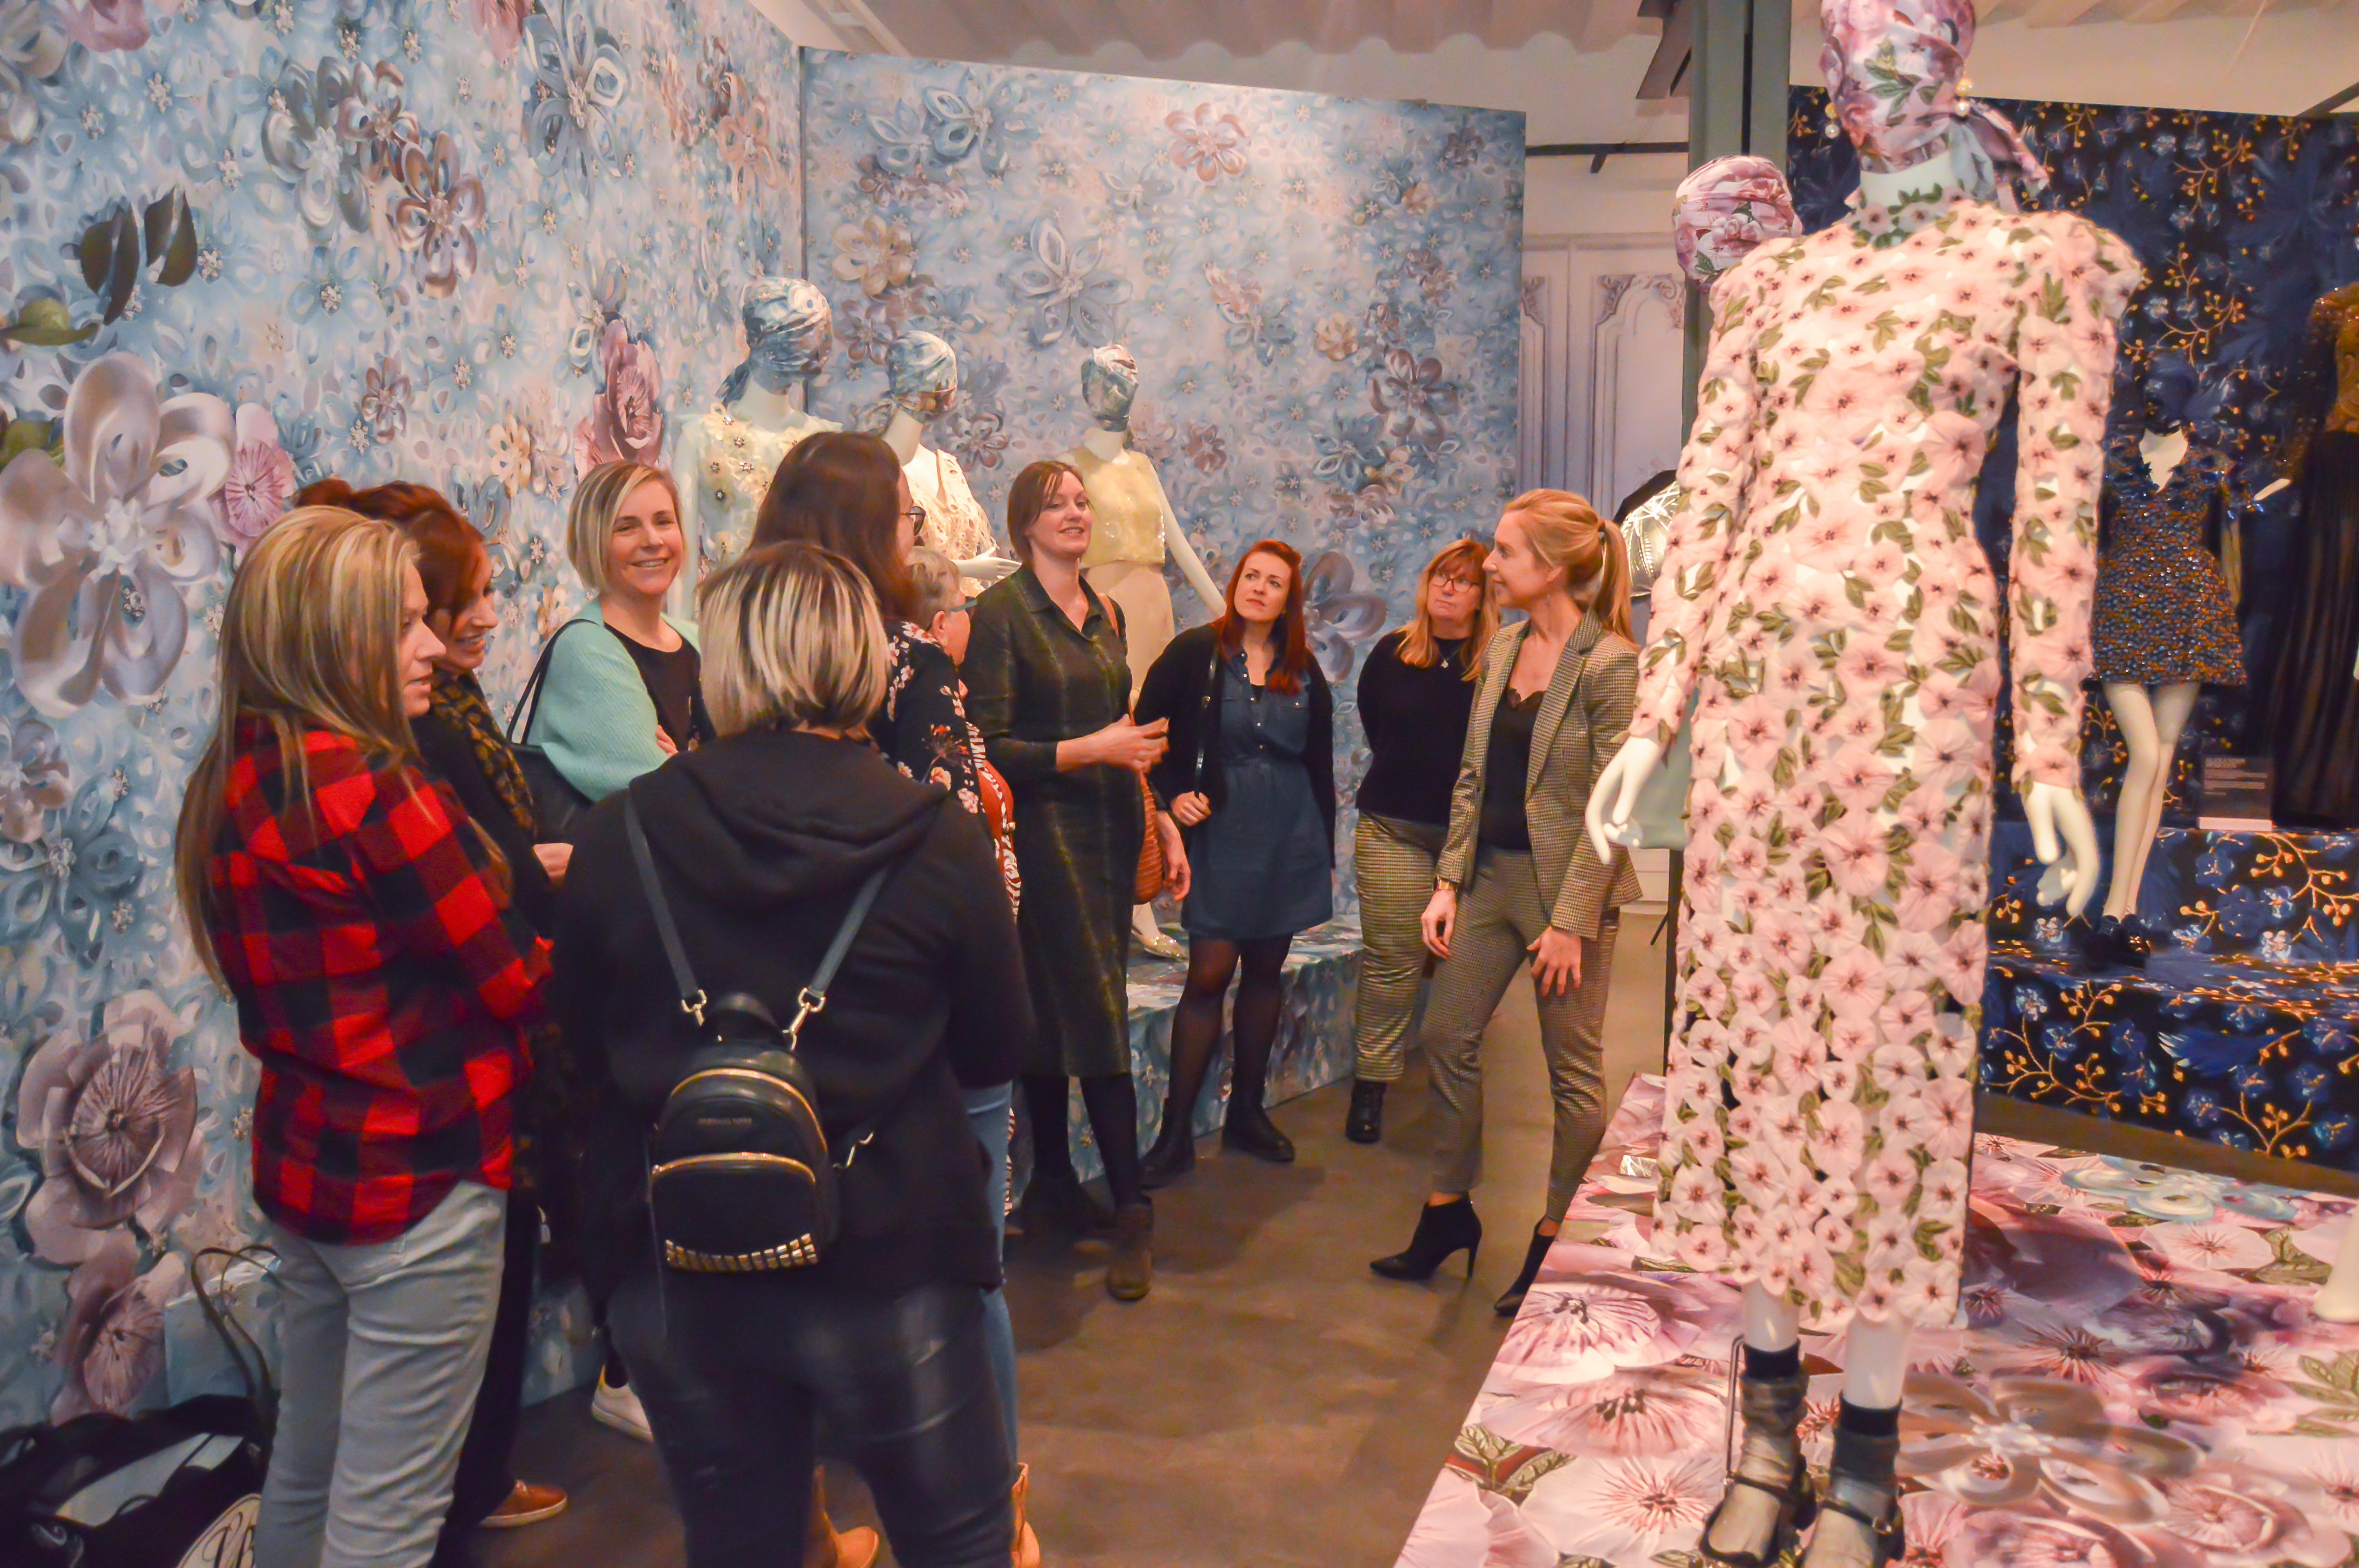 Modemuseum Hasselt Museumbezoek Workshop Styling Teambuilding Cultuur Fashion Kleur en stijladvies kledingadvies Stijltips imagoadvies professionals eerste indruk zelfvertrouwen Teambuilding Bedrijfsuitstap Groepsactiviteiten Bedrijfsactiviteiten